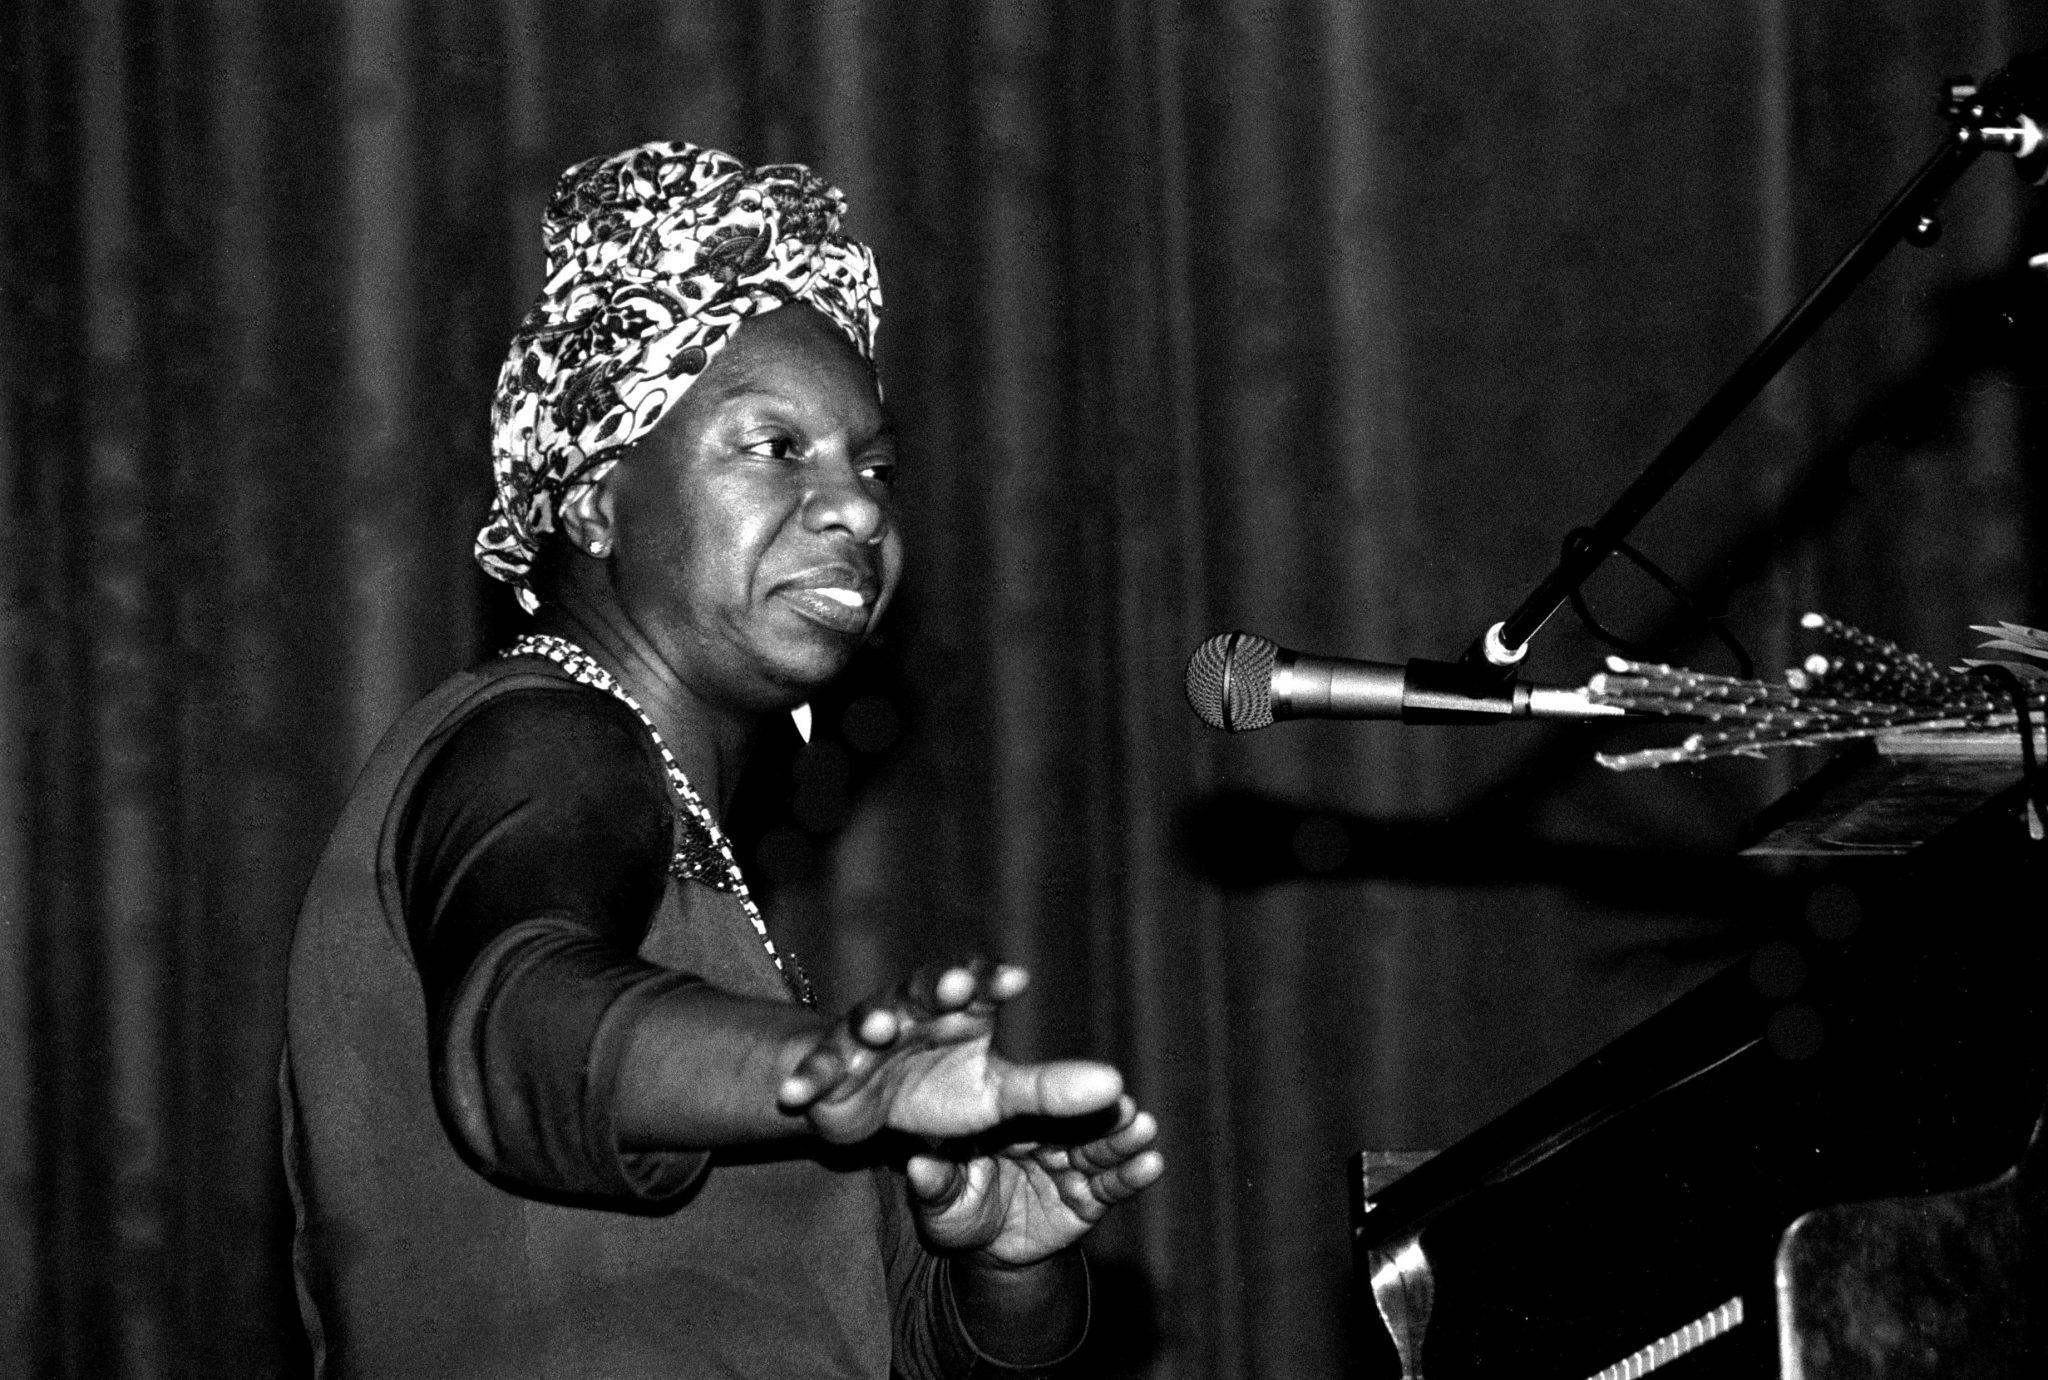 La chanteuse américaine Nina Simone en concert à Morlaix (Bretagne, France) en mai 1982